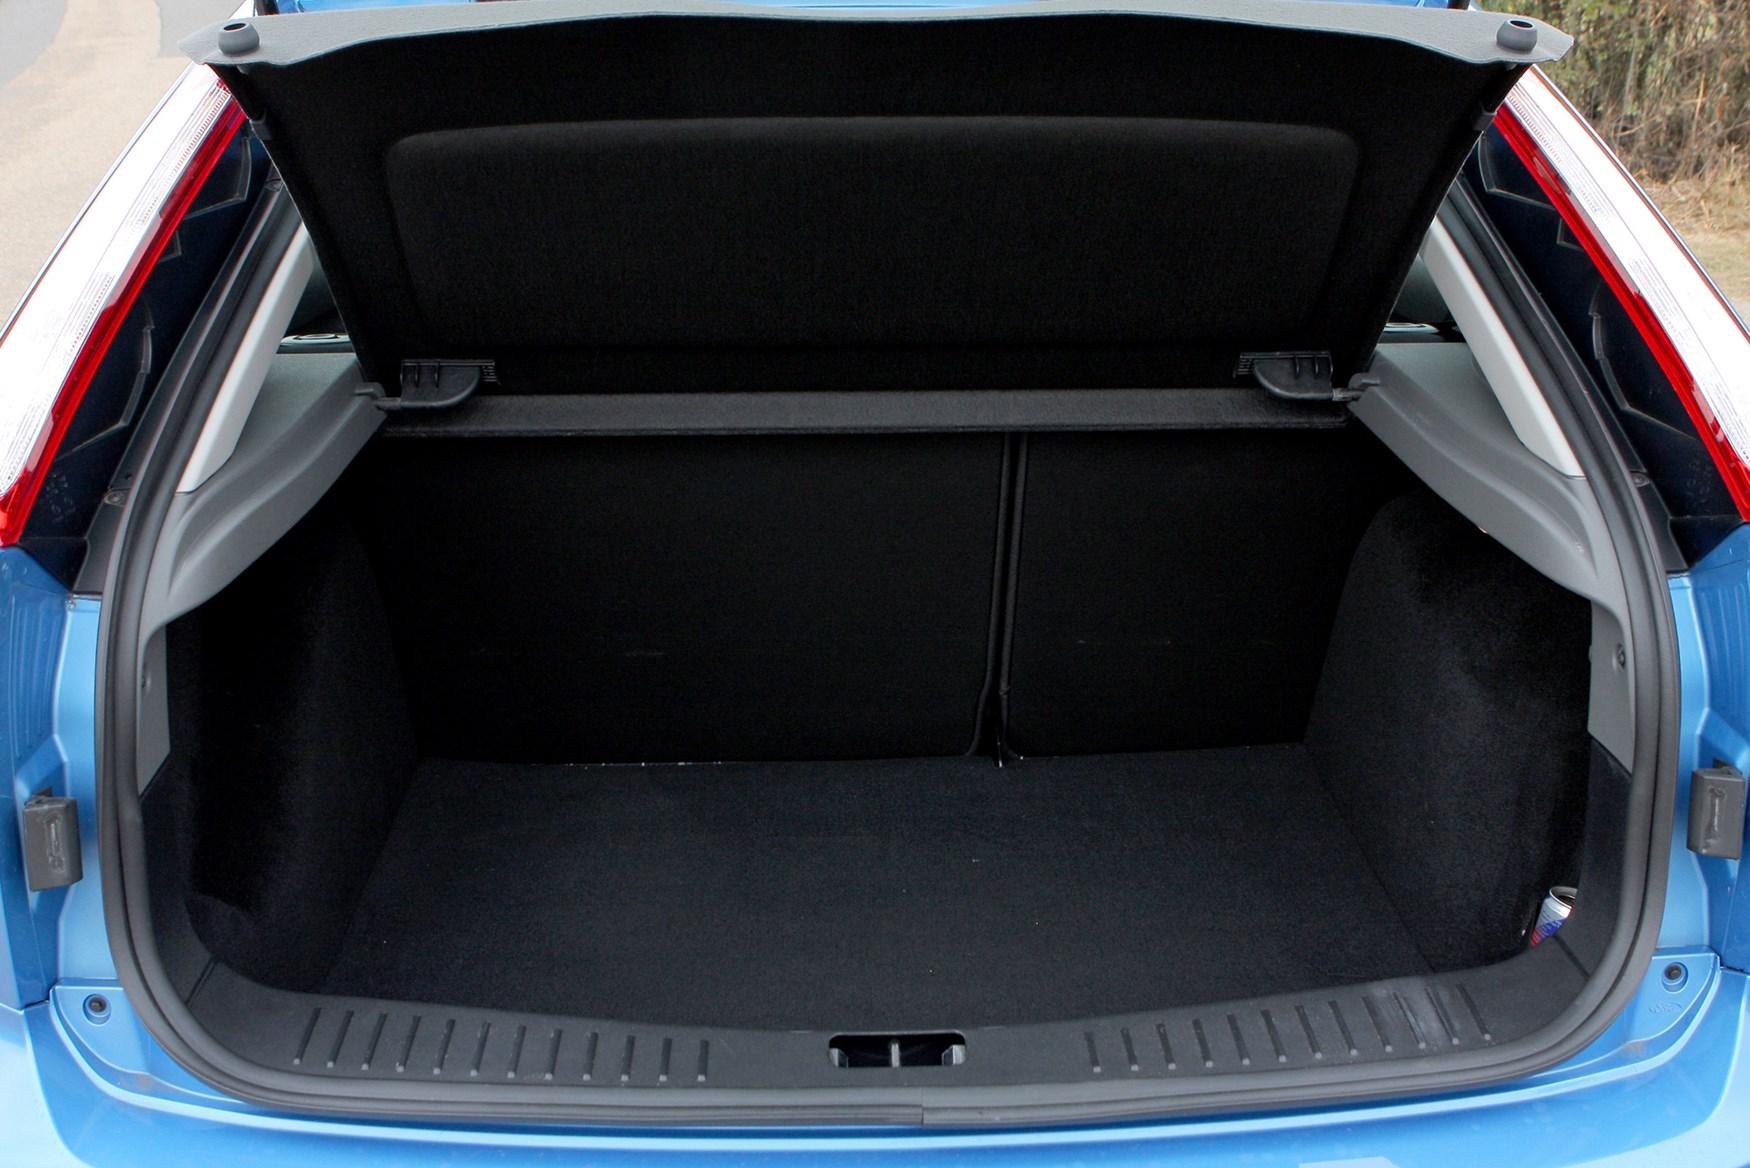 ford focus hatchback interior dimensions. Black Bedroom Furniture Sets. Home Design Ideas